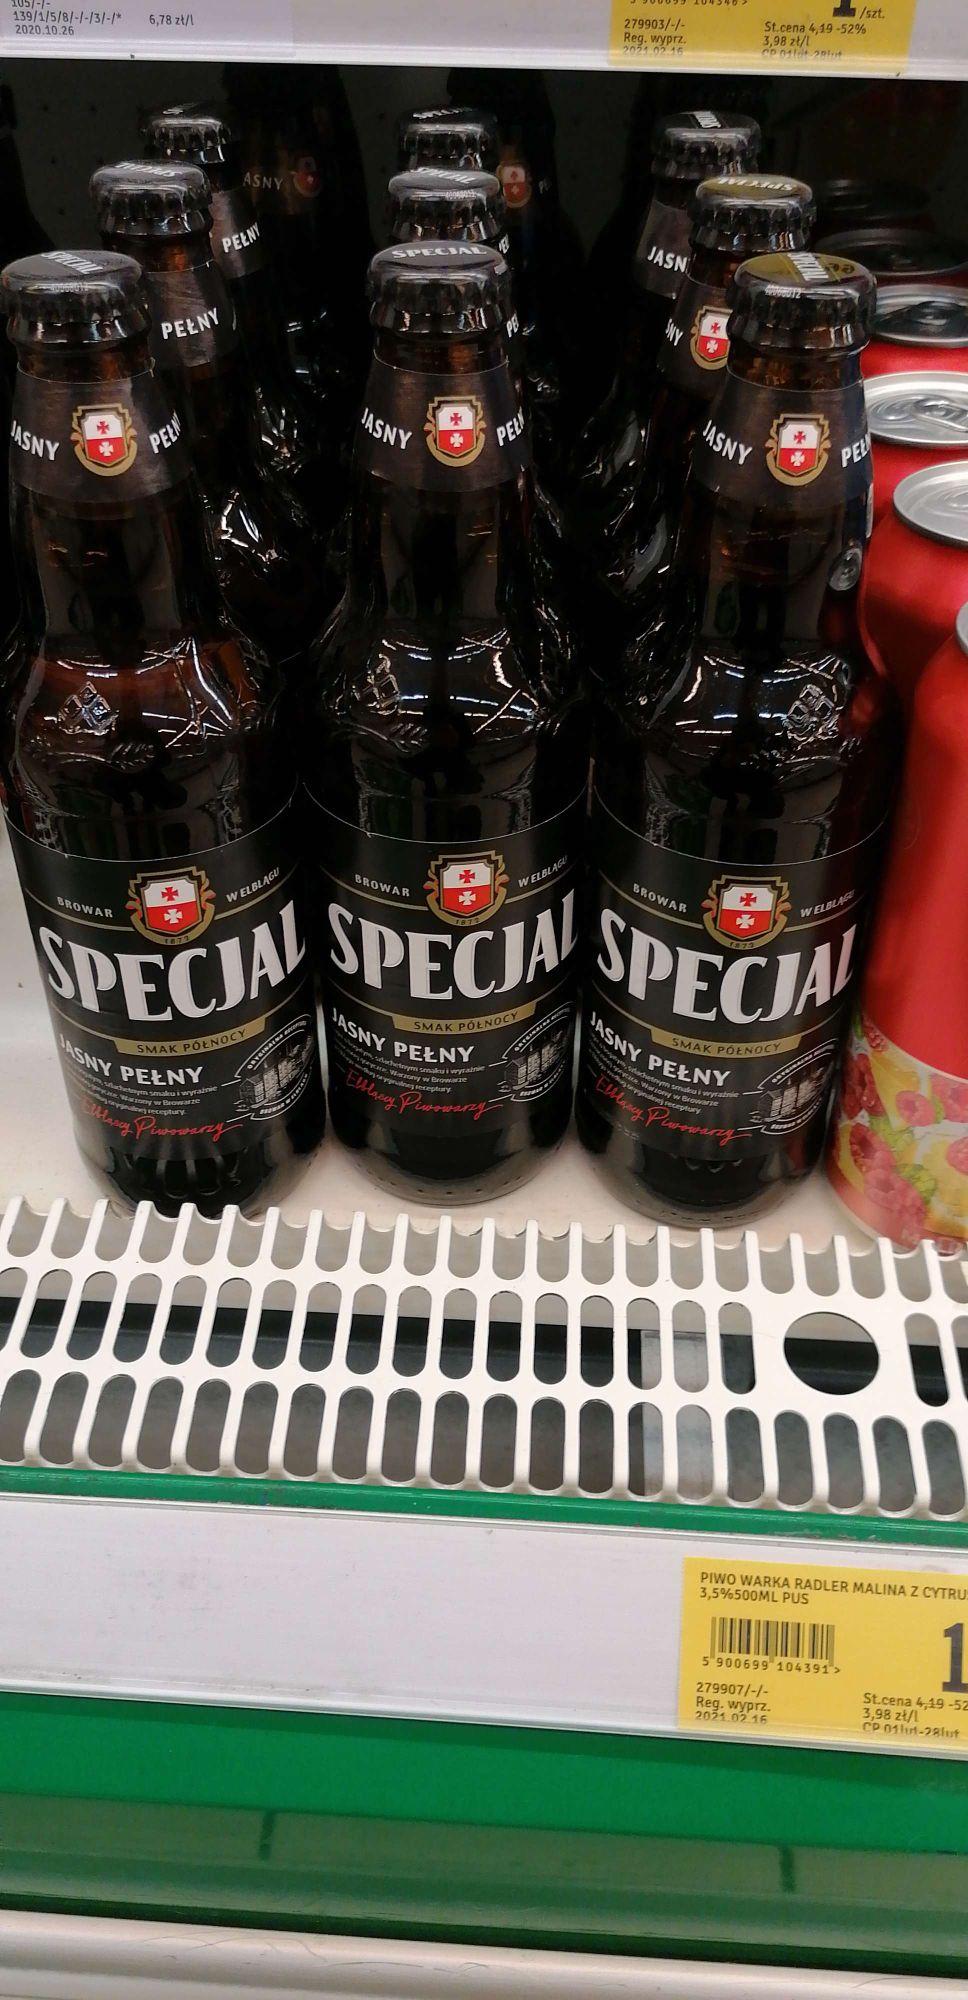 Piwo Specjal jasny pełny Stokrotka